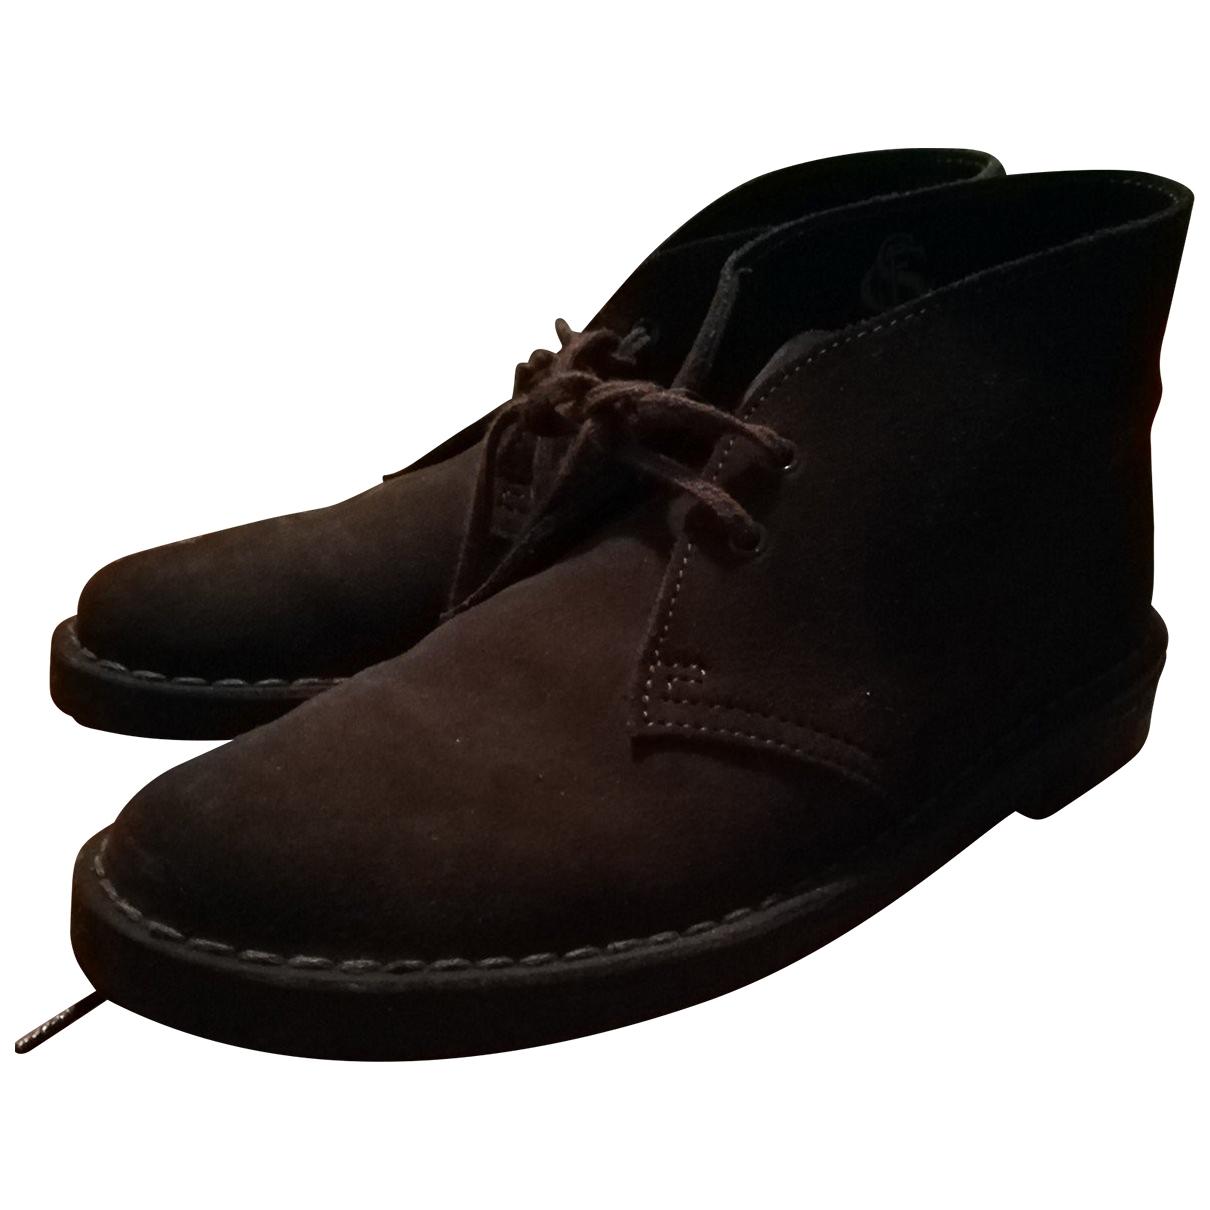 Clarks - Boots   pour femme en cuir - marron